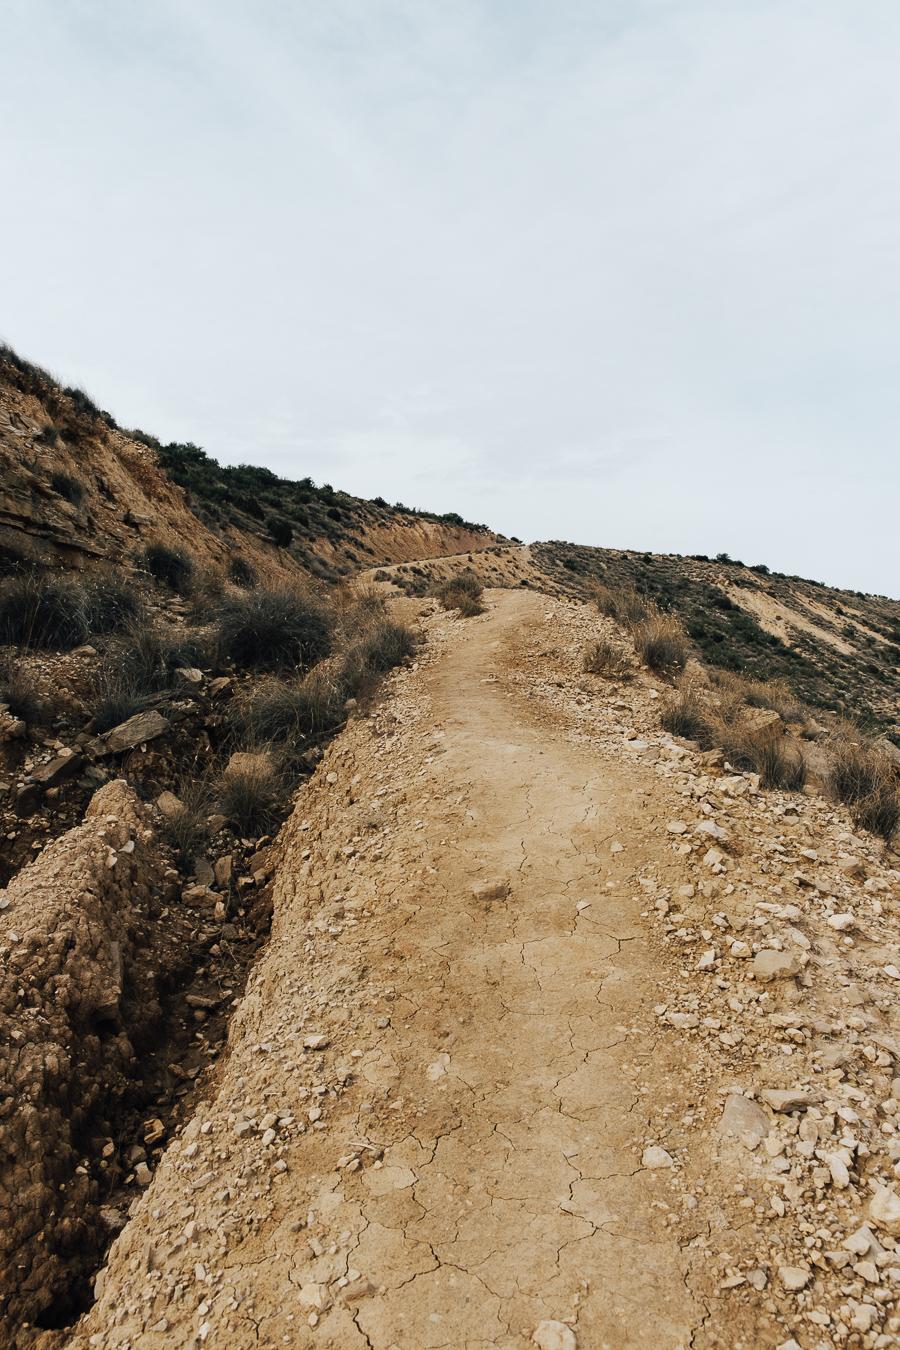 sliceofcactus-2016-11-weekend-paysbasque-espagne-espagne-navarre-desert-bardenas-0960